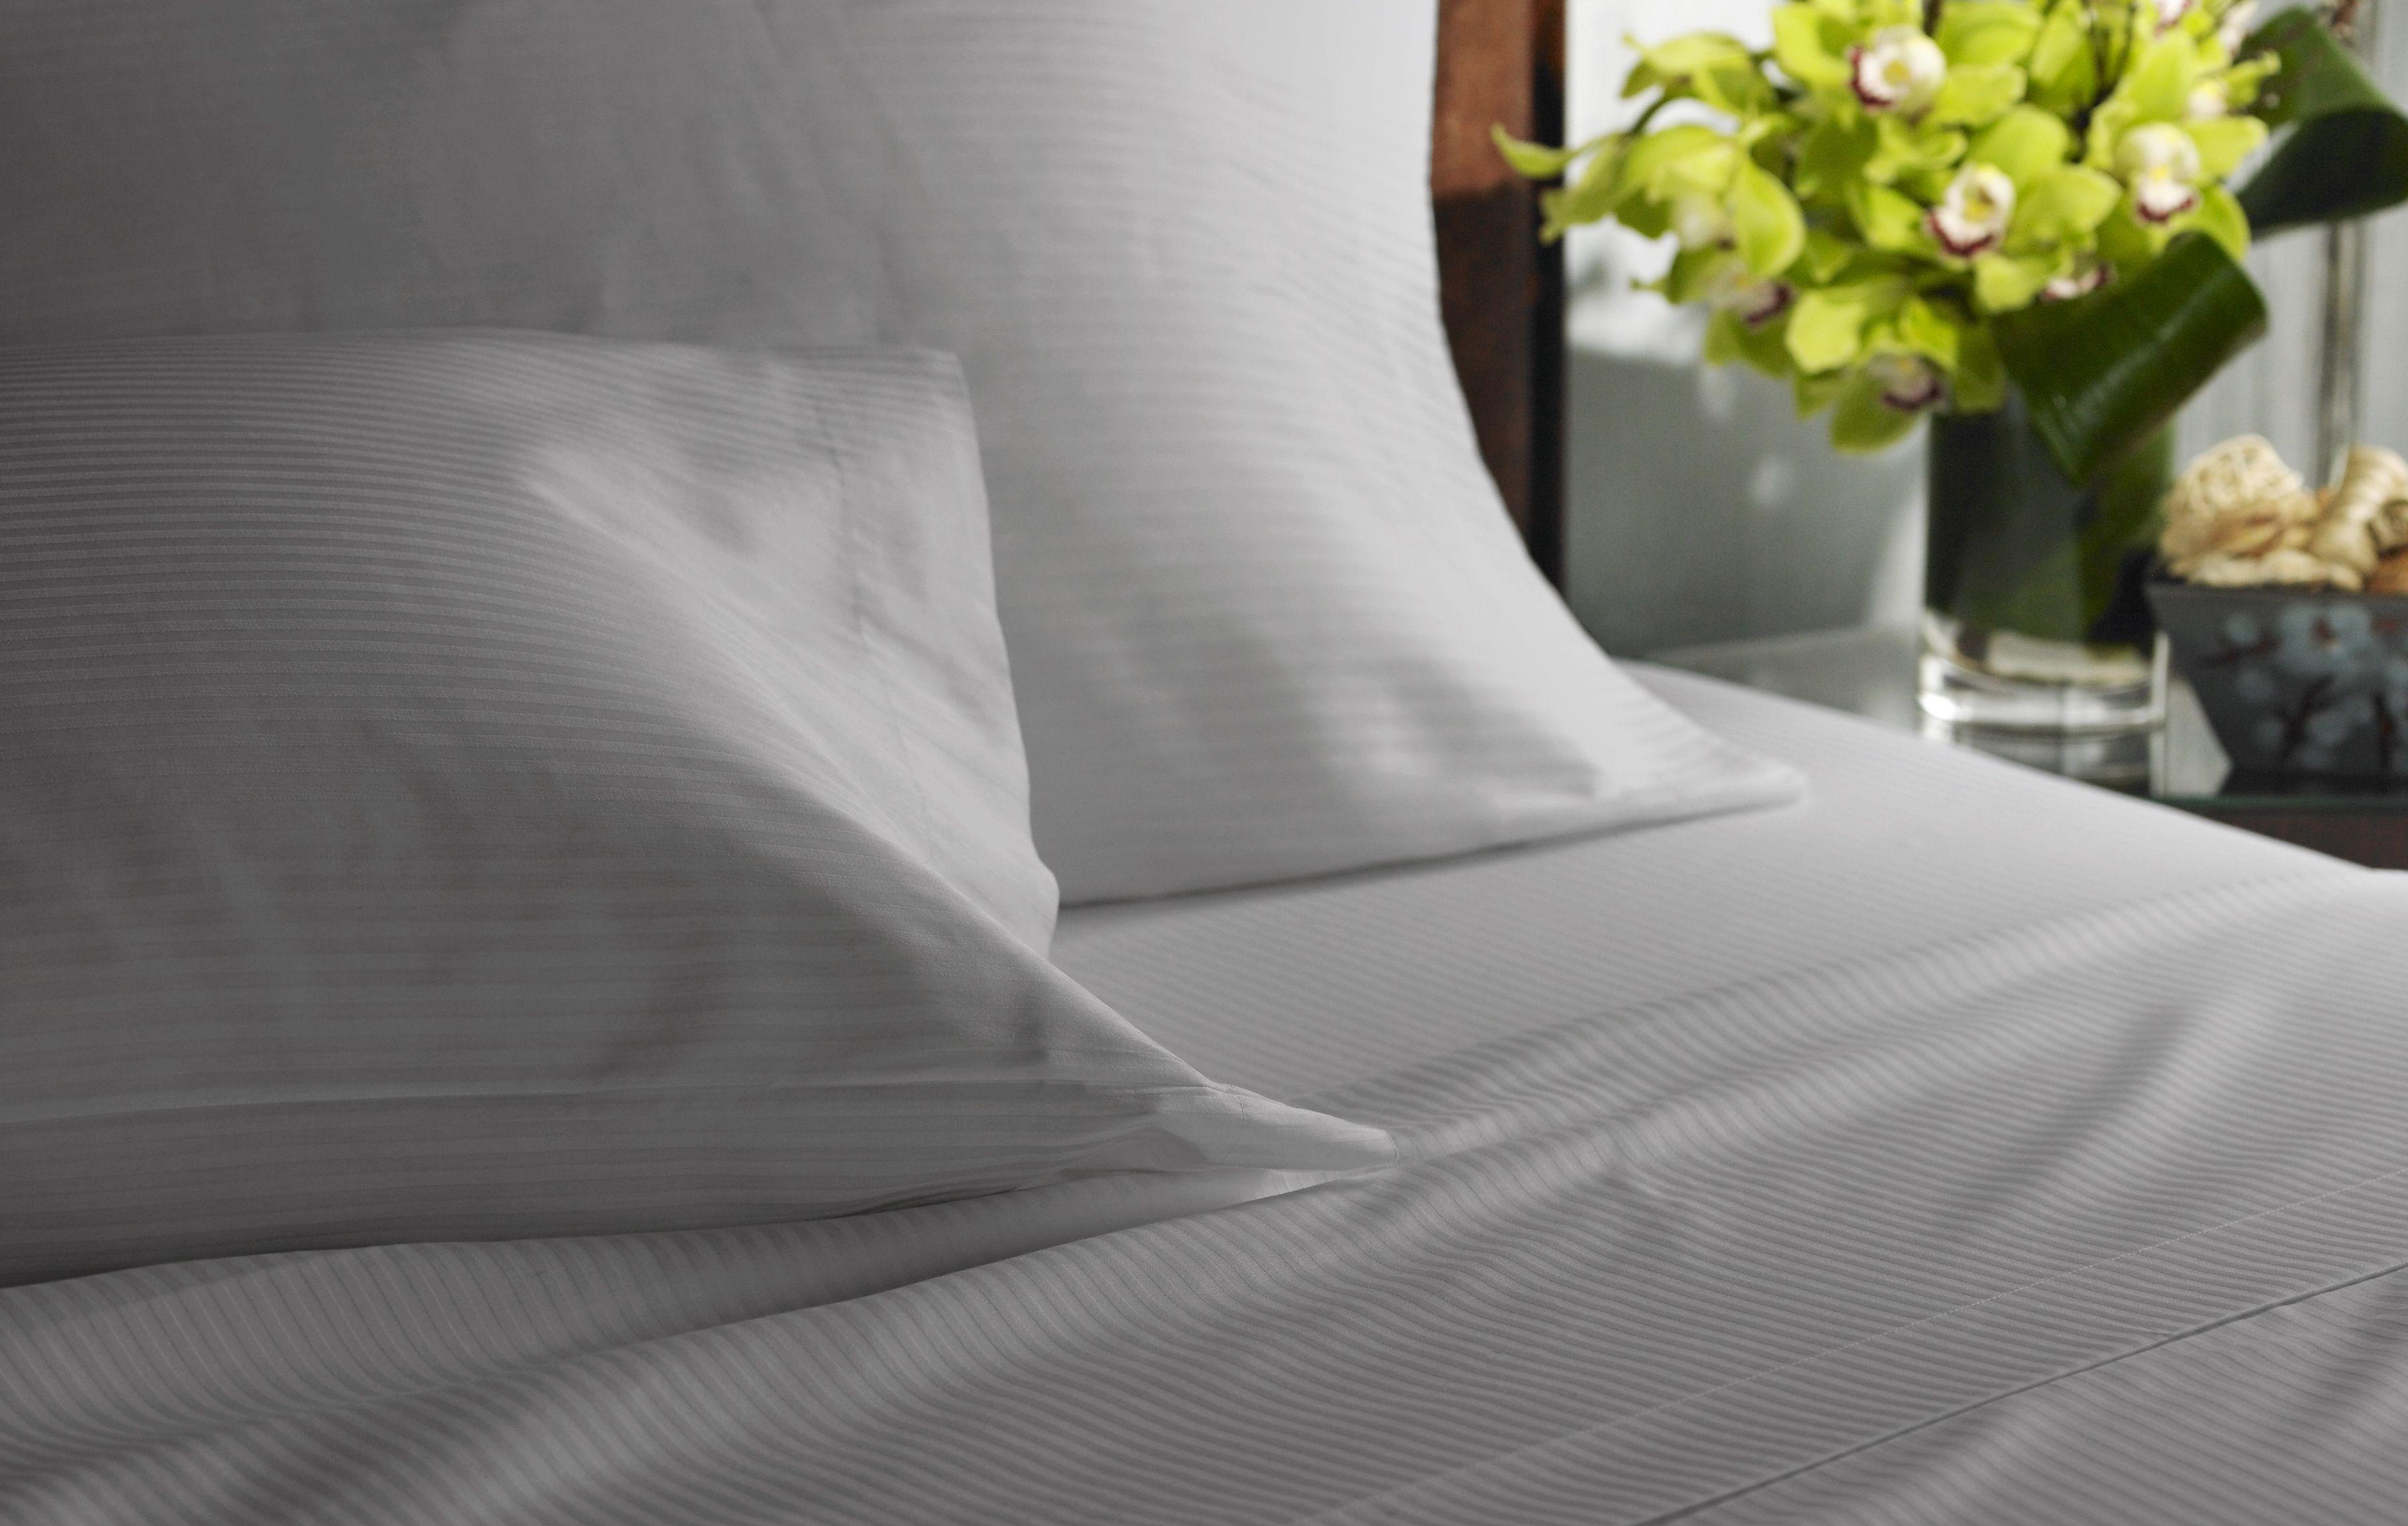 inch design fashion queen sleeper top heaven heavenly pillowtop perfect wayburn pillow pillows super size mattress bed best westin serta